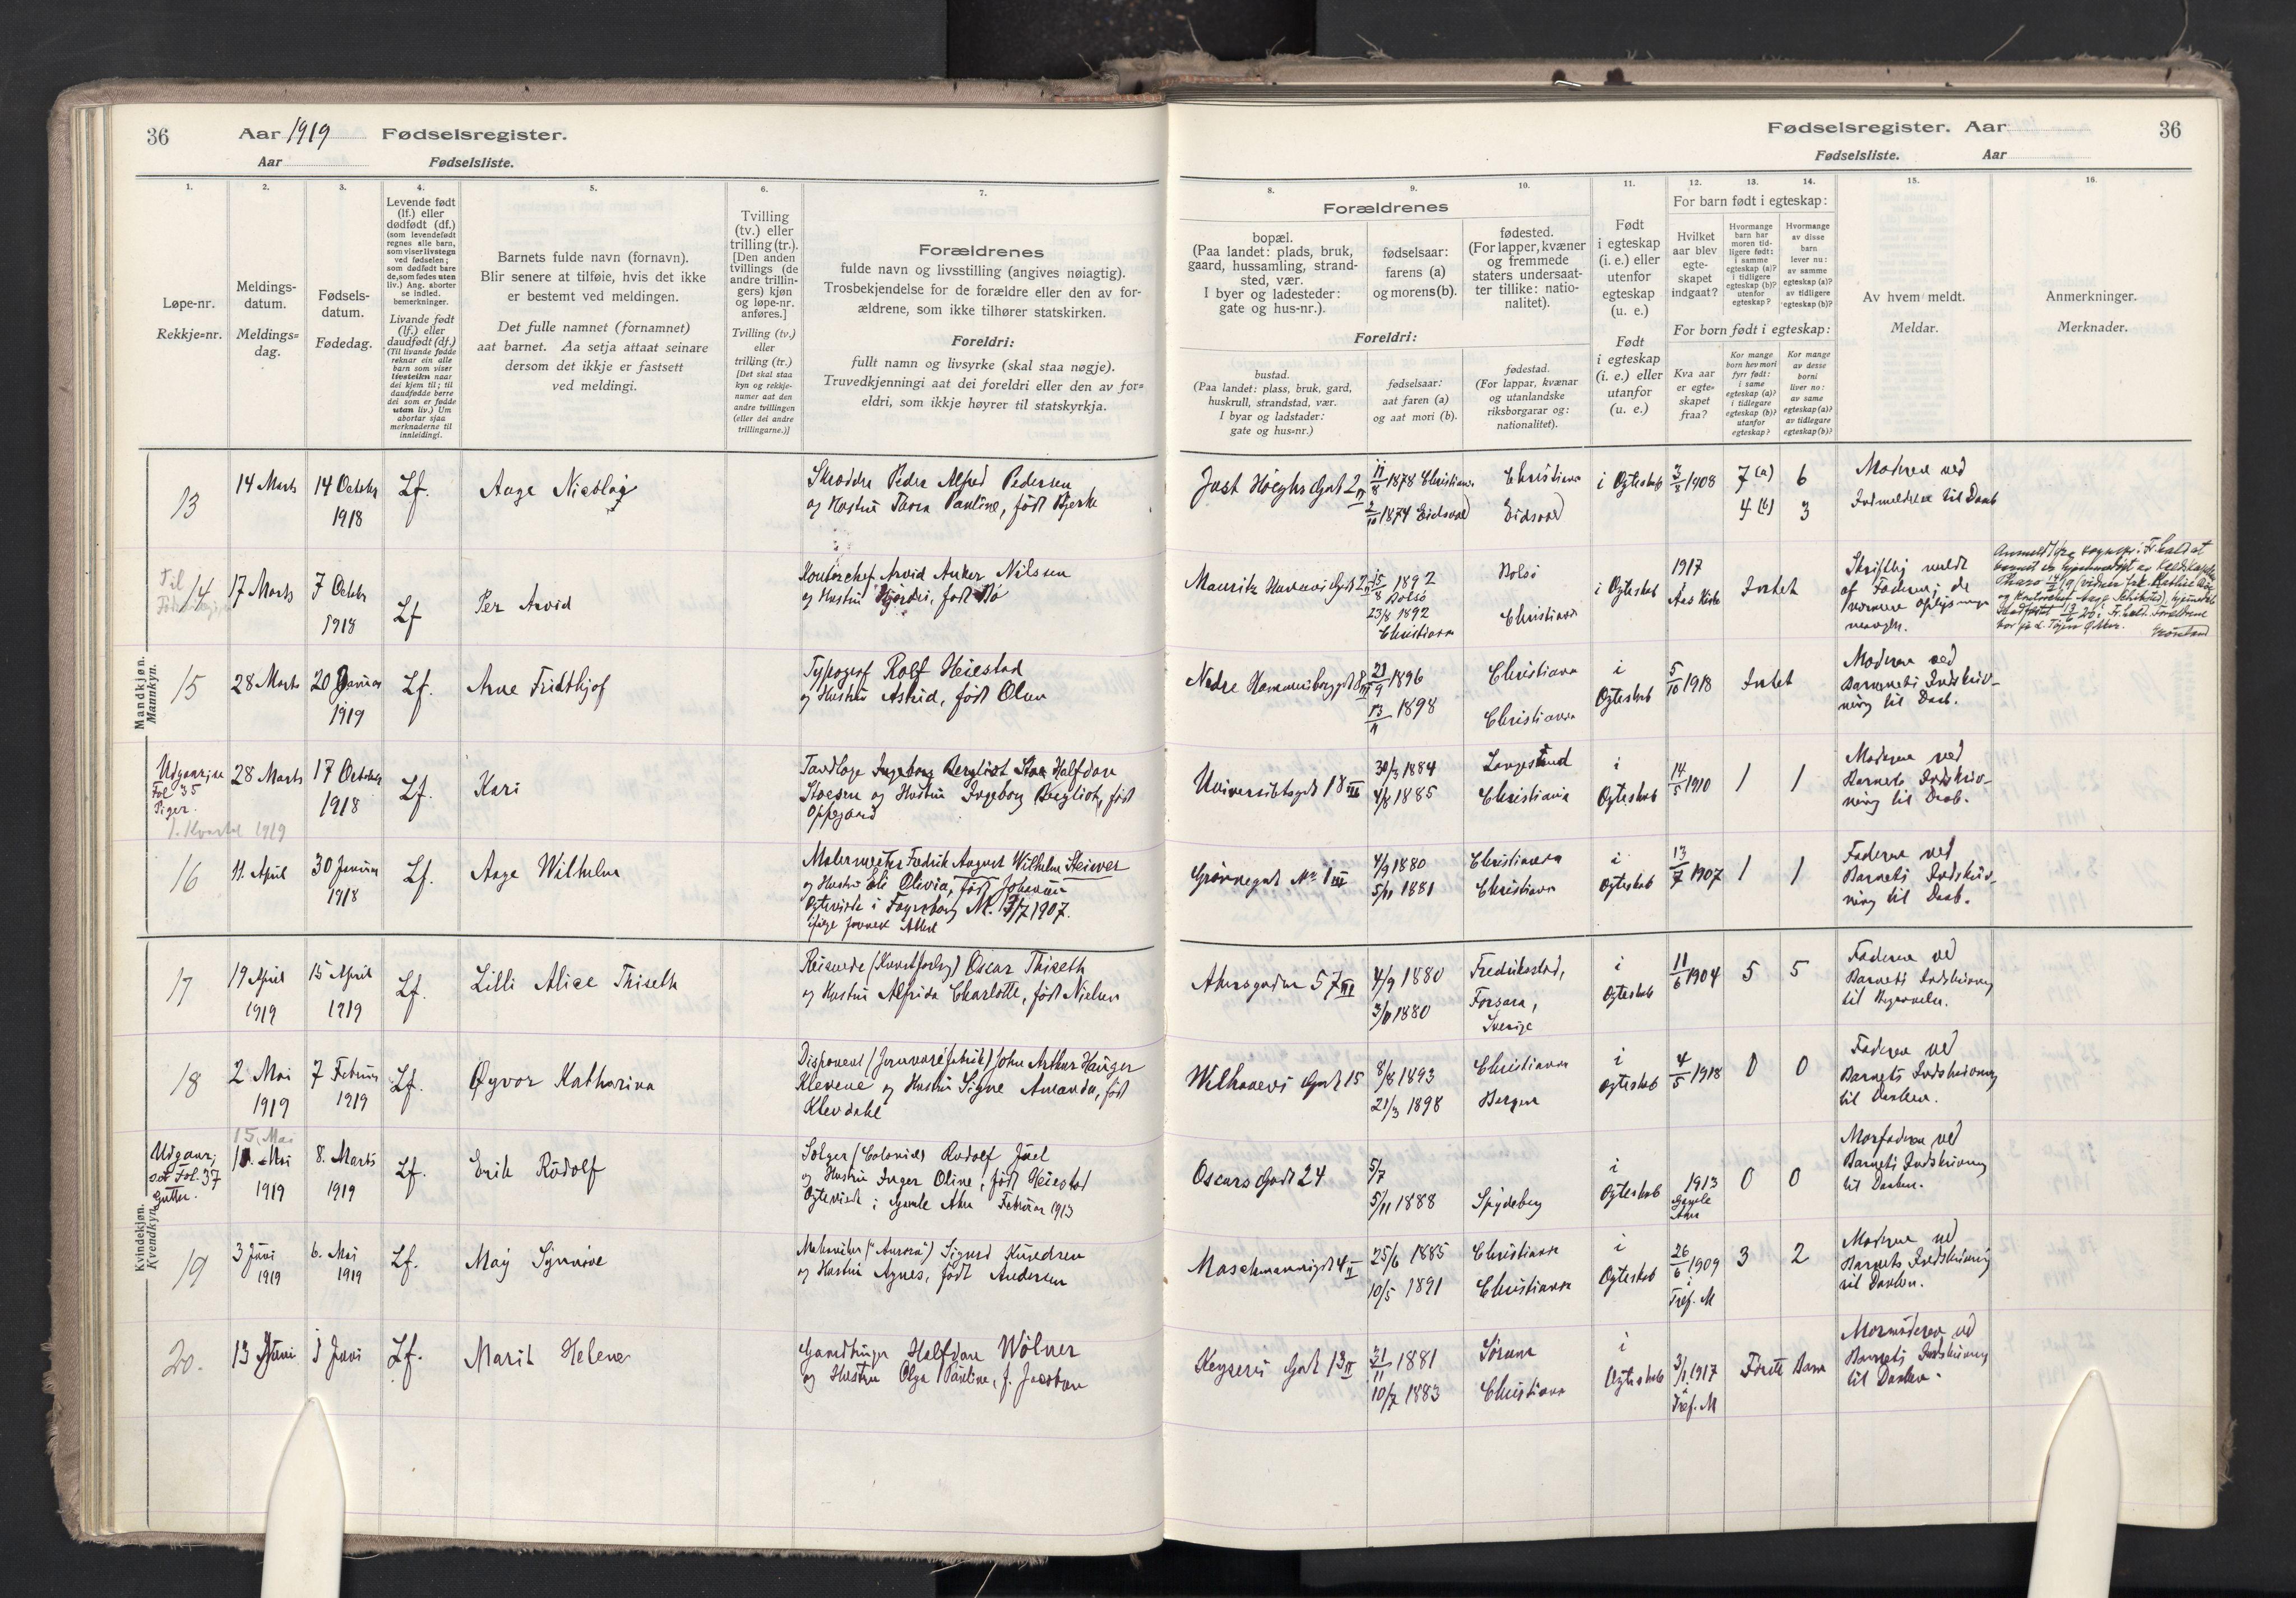 SAO, Trefoldighet prestekontor Kirkebøker, J/Ja/L0001: Fødselsregister nr. 1, 1916-1931, s. 36